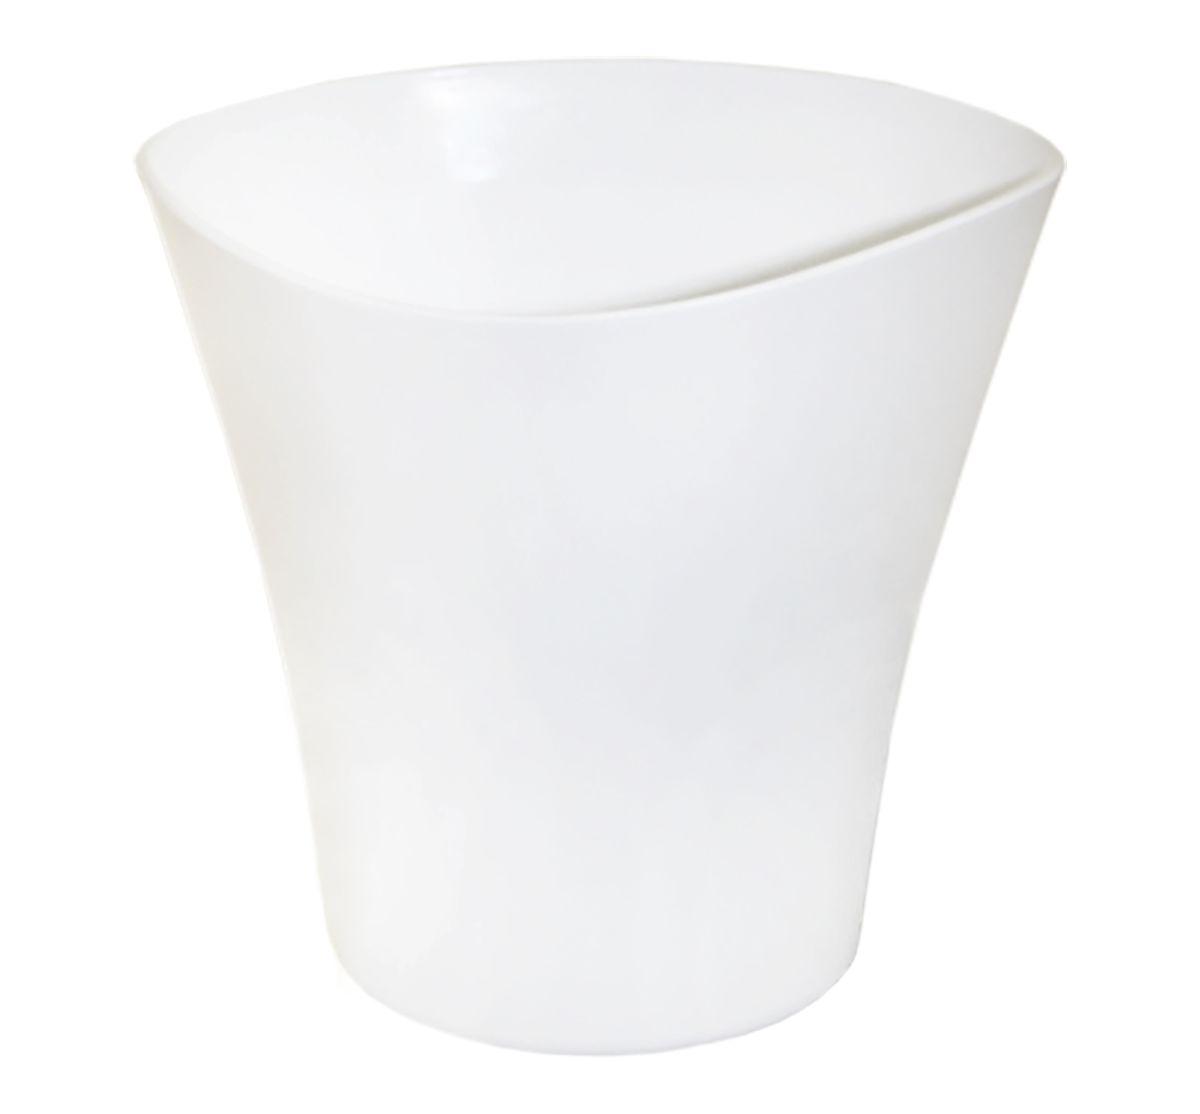 Кашпо JetPlast Волна, цвет: белый, 1,5 л531-402Кашпо Волна имеет уникальную форму, сочетающуюся как с классическим, так и с современным дизайном интерьера. Оно изготовлено из прочного полипропилена (пластика) и предназначено для выращивания растений, цветов и трав в домашних условиях. Такое кашпо порадует вас функциональностью, а благодаря лаконичному дизайну впишется в любой интерьер помещения. Объем кашпо: 1,5 л.